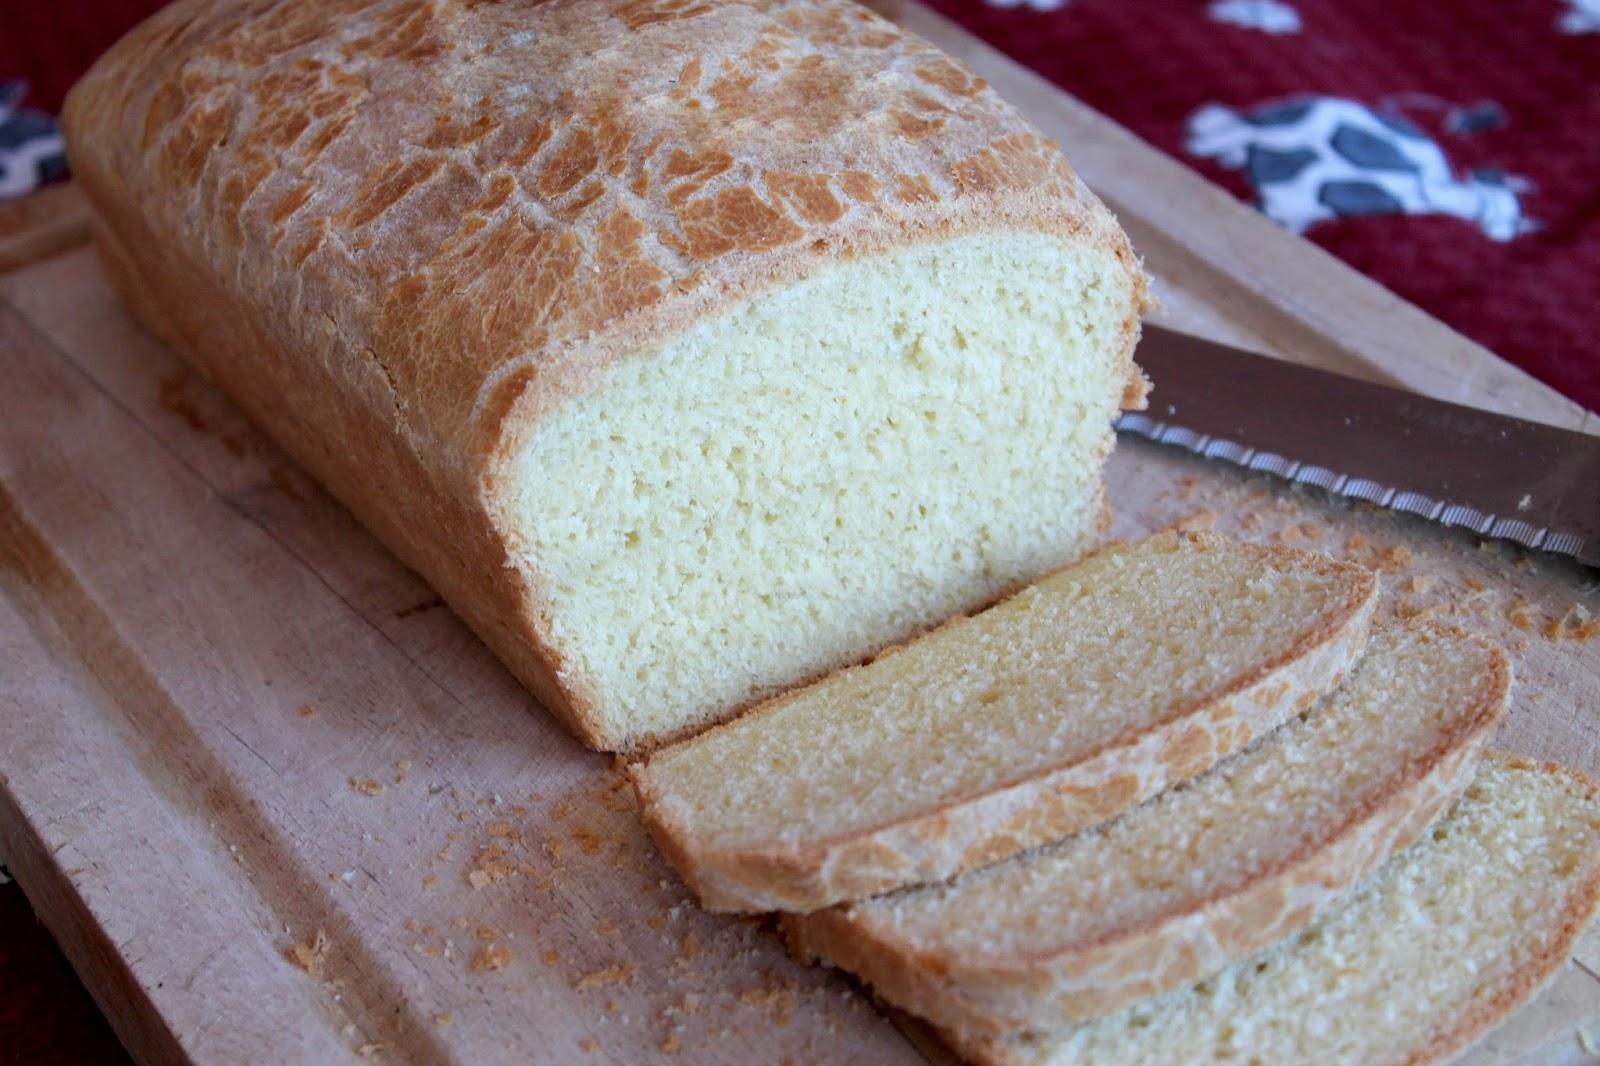 Pan de molde casero Bimbo sin lactosa